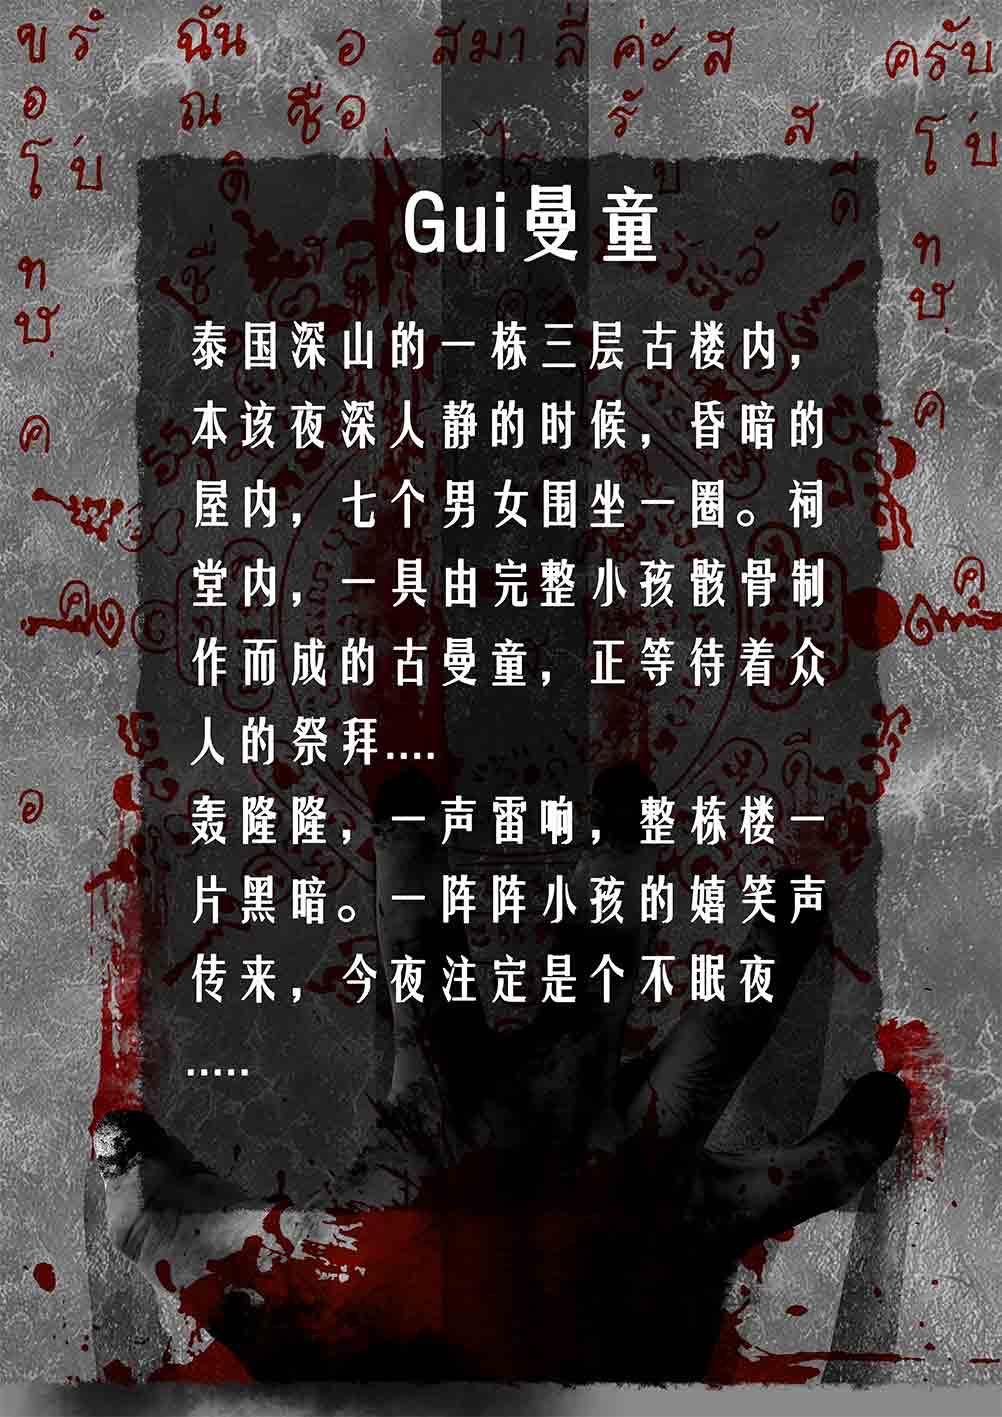 7人本《Gui曼童》剧本杀线索复盘真相剧透结局真凶手是谁?%-site_name